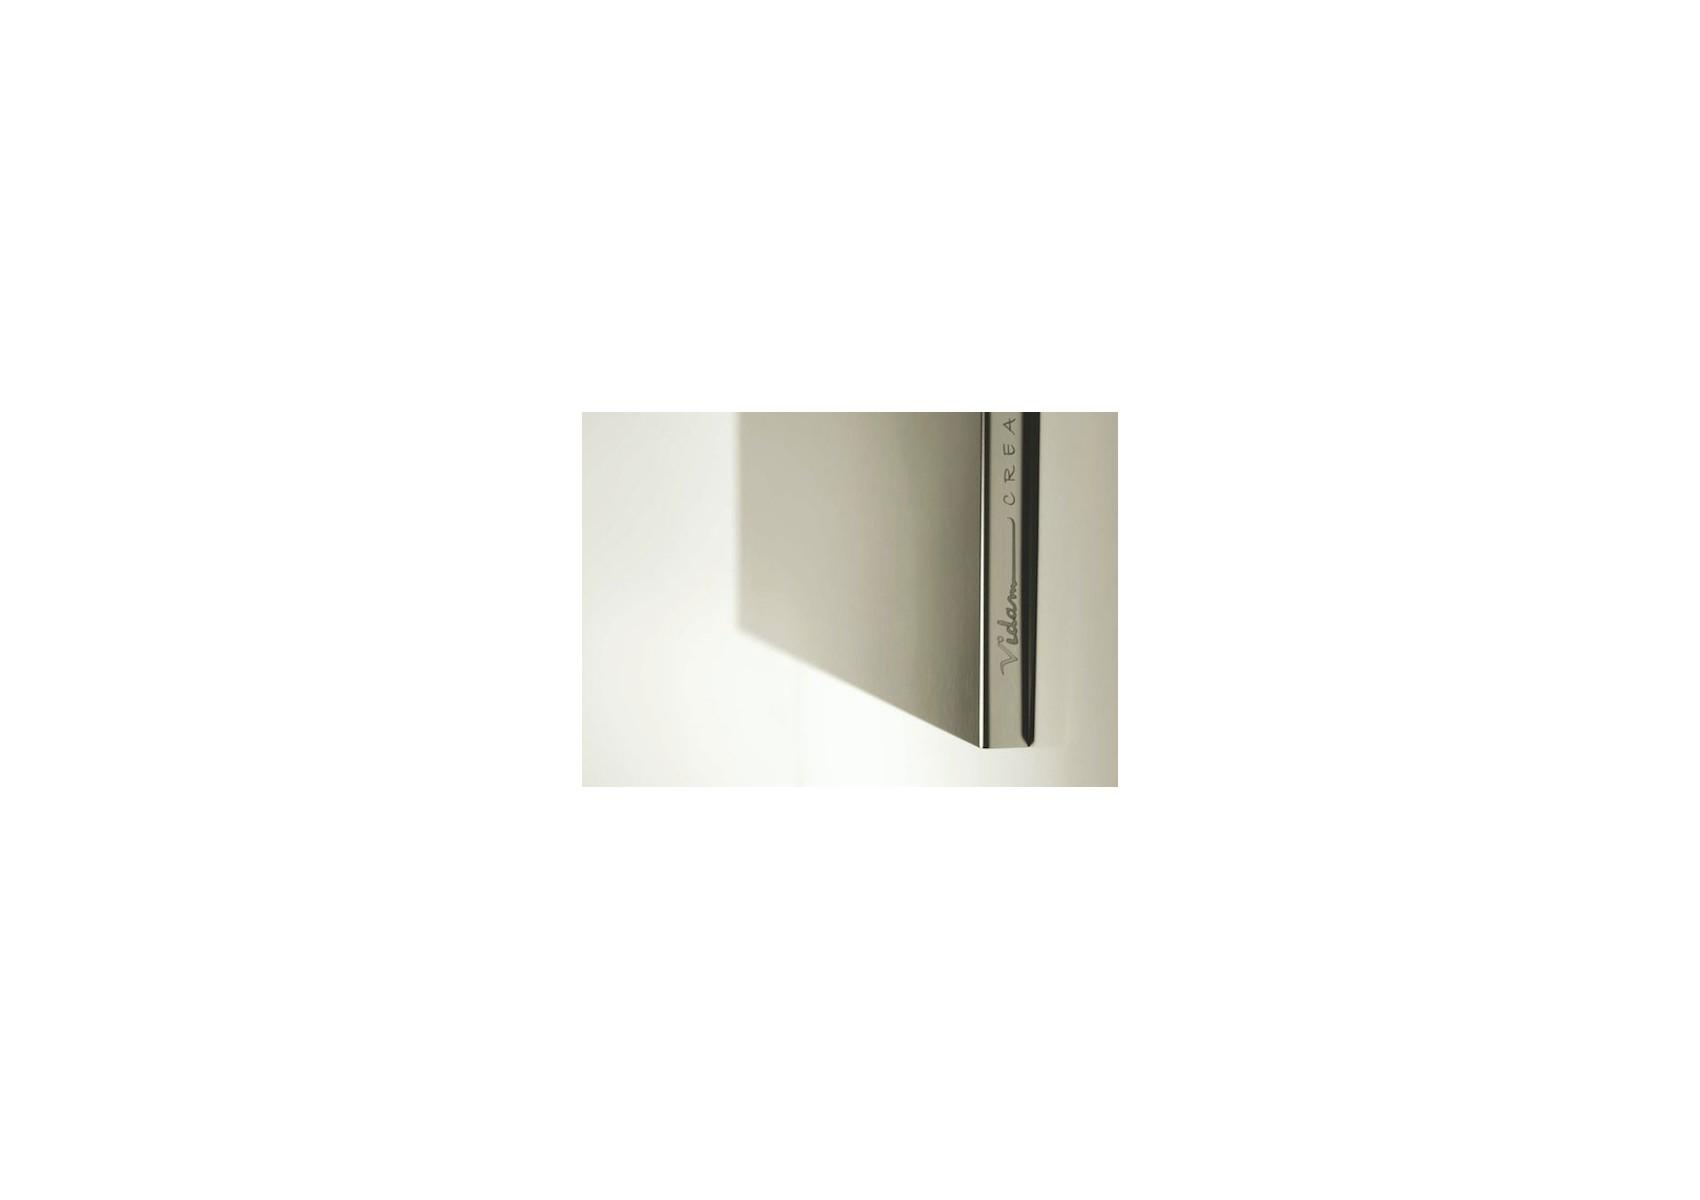 Miroir d formant design petit mod le de la marque vidame cr ation for Miroir petit